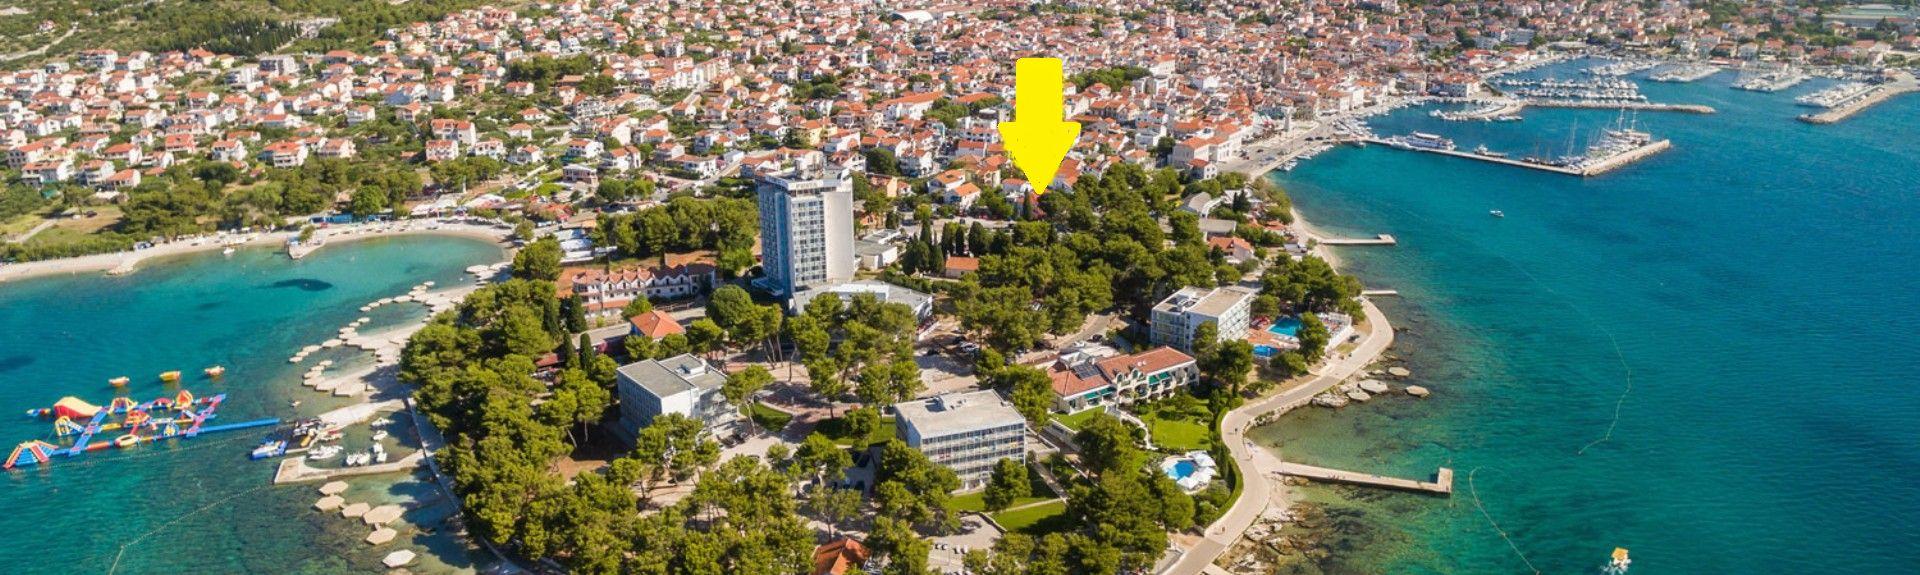 Prvić Šepurine, Croatia